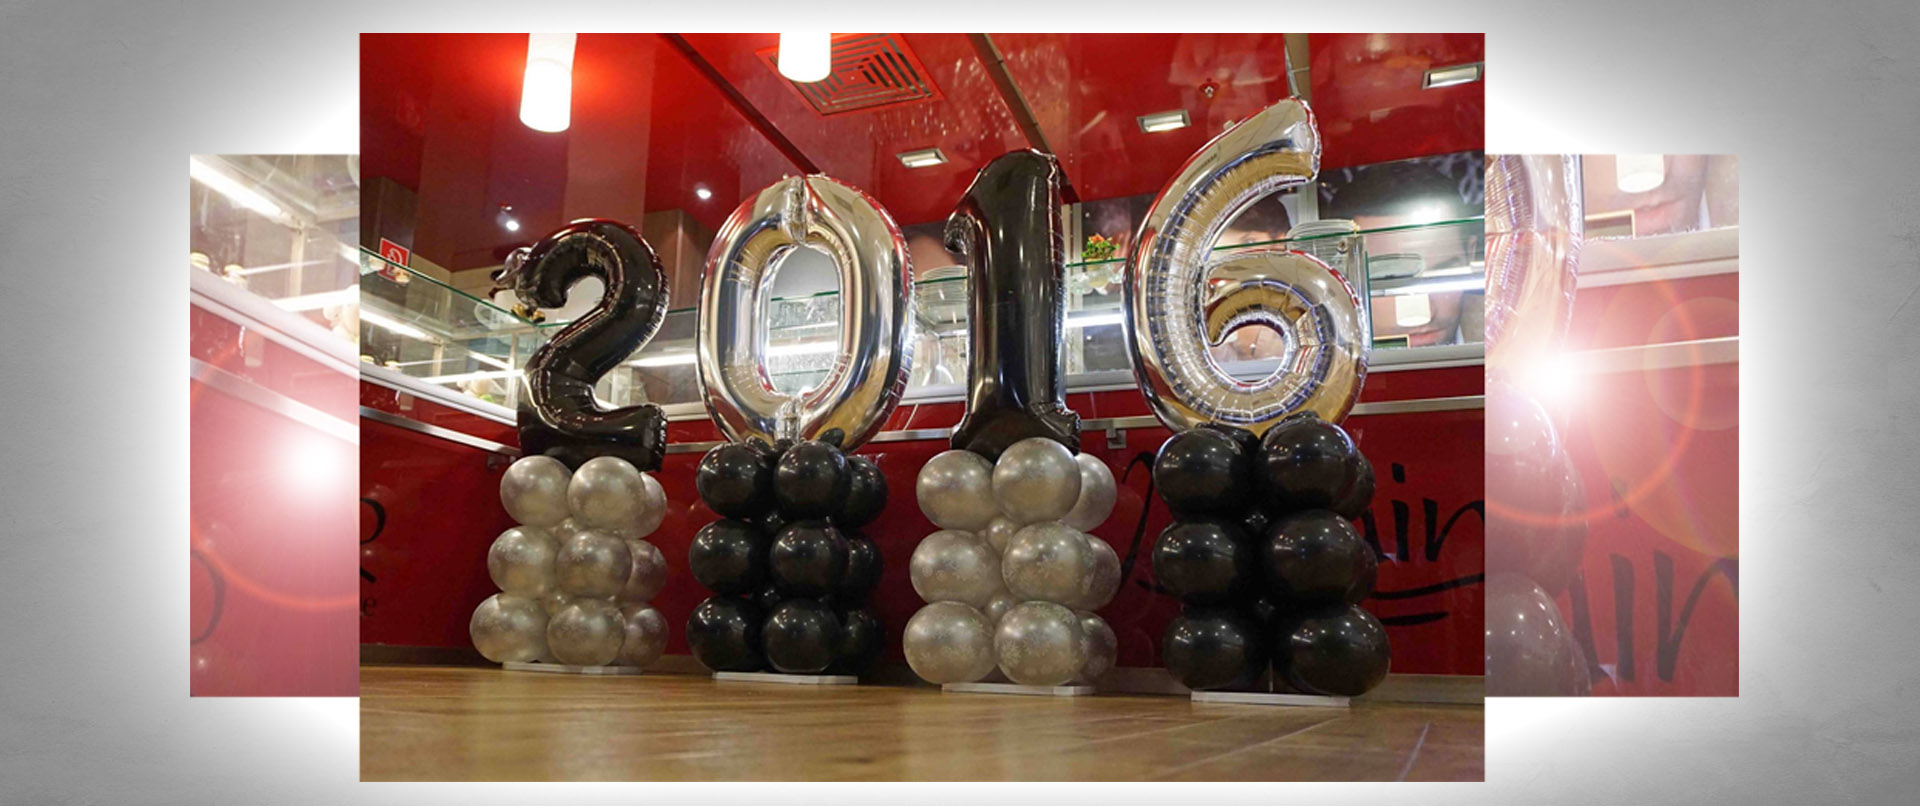 Luftballon-Dekoration Neujahrsparty Modehaus Gebrüder Götz Würzburg